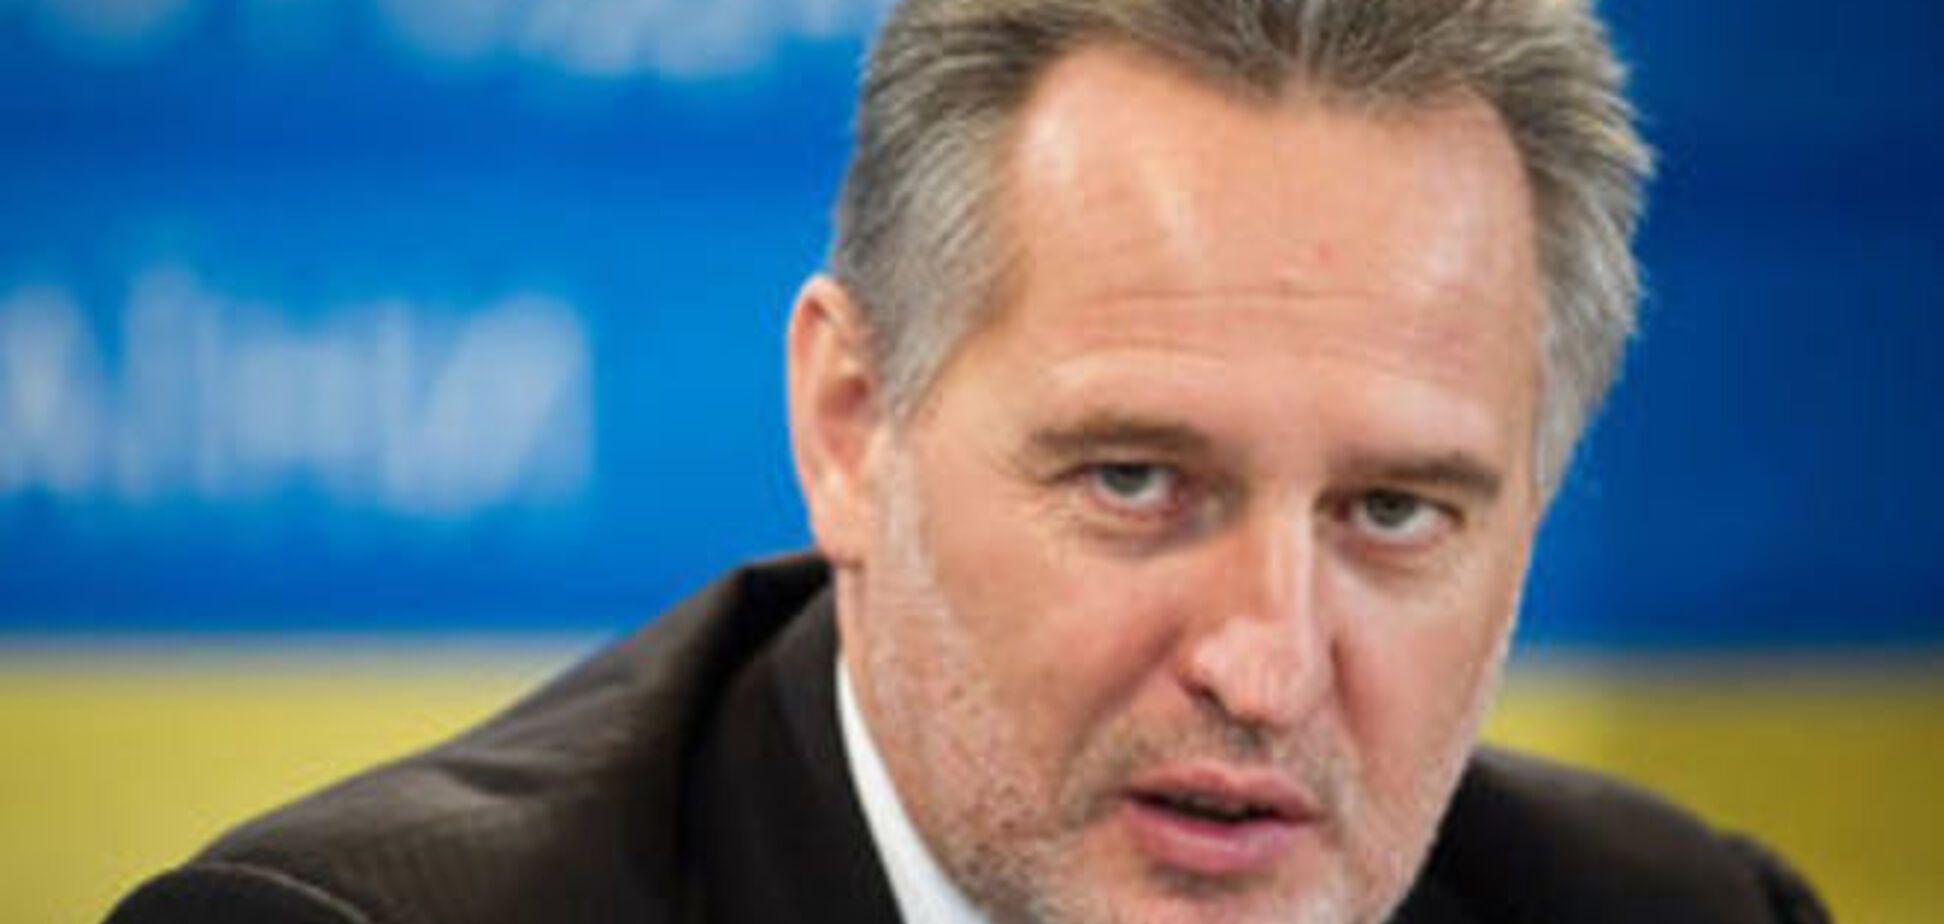 50 лет тюрьмы: сегодня австрийский суд решит, передавать ли Фирташа американской Фемиде